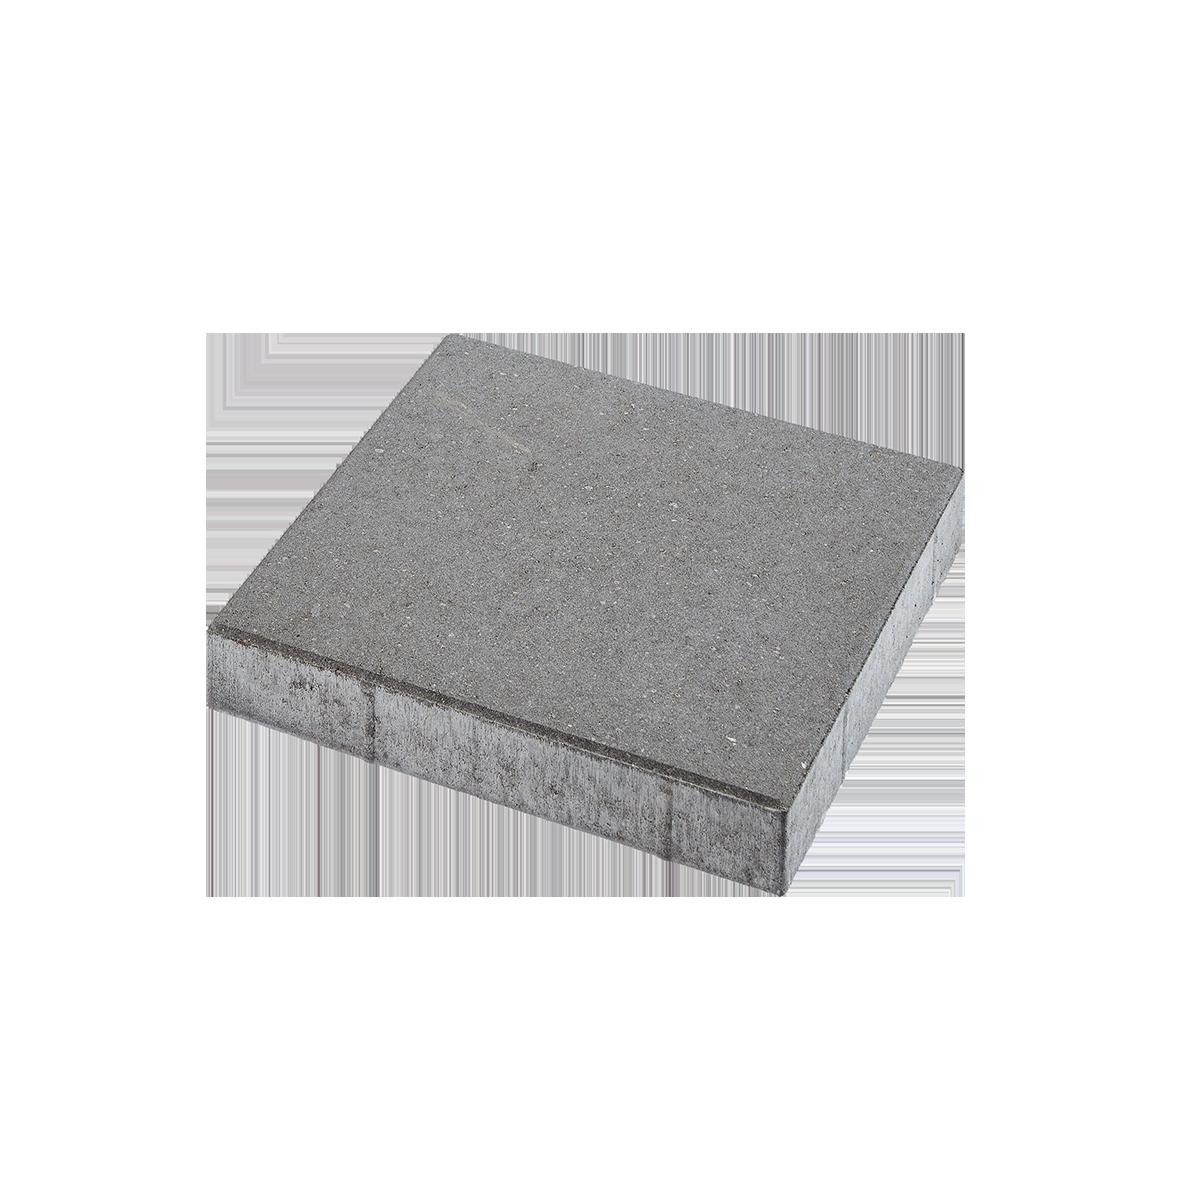 Fliser 40x40x8 cm Grå